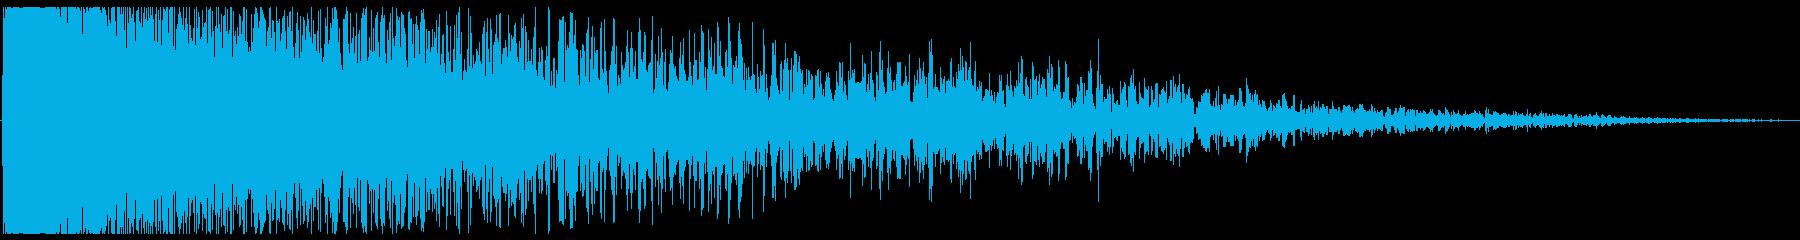 シューン(爆弾落下)の再生済みの波形